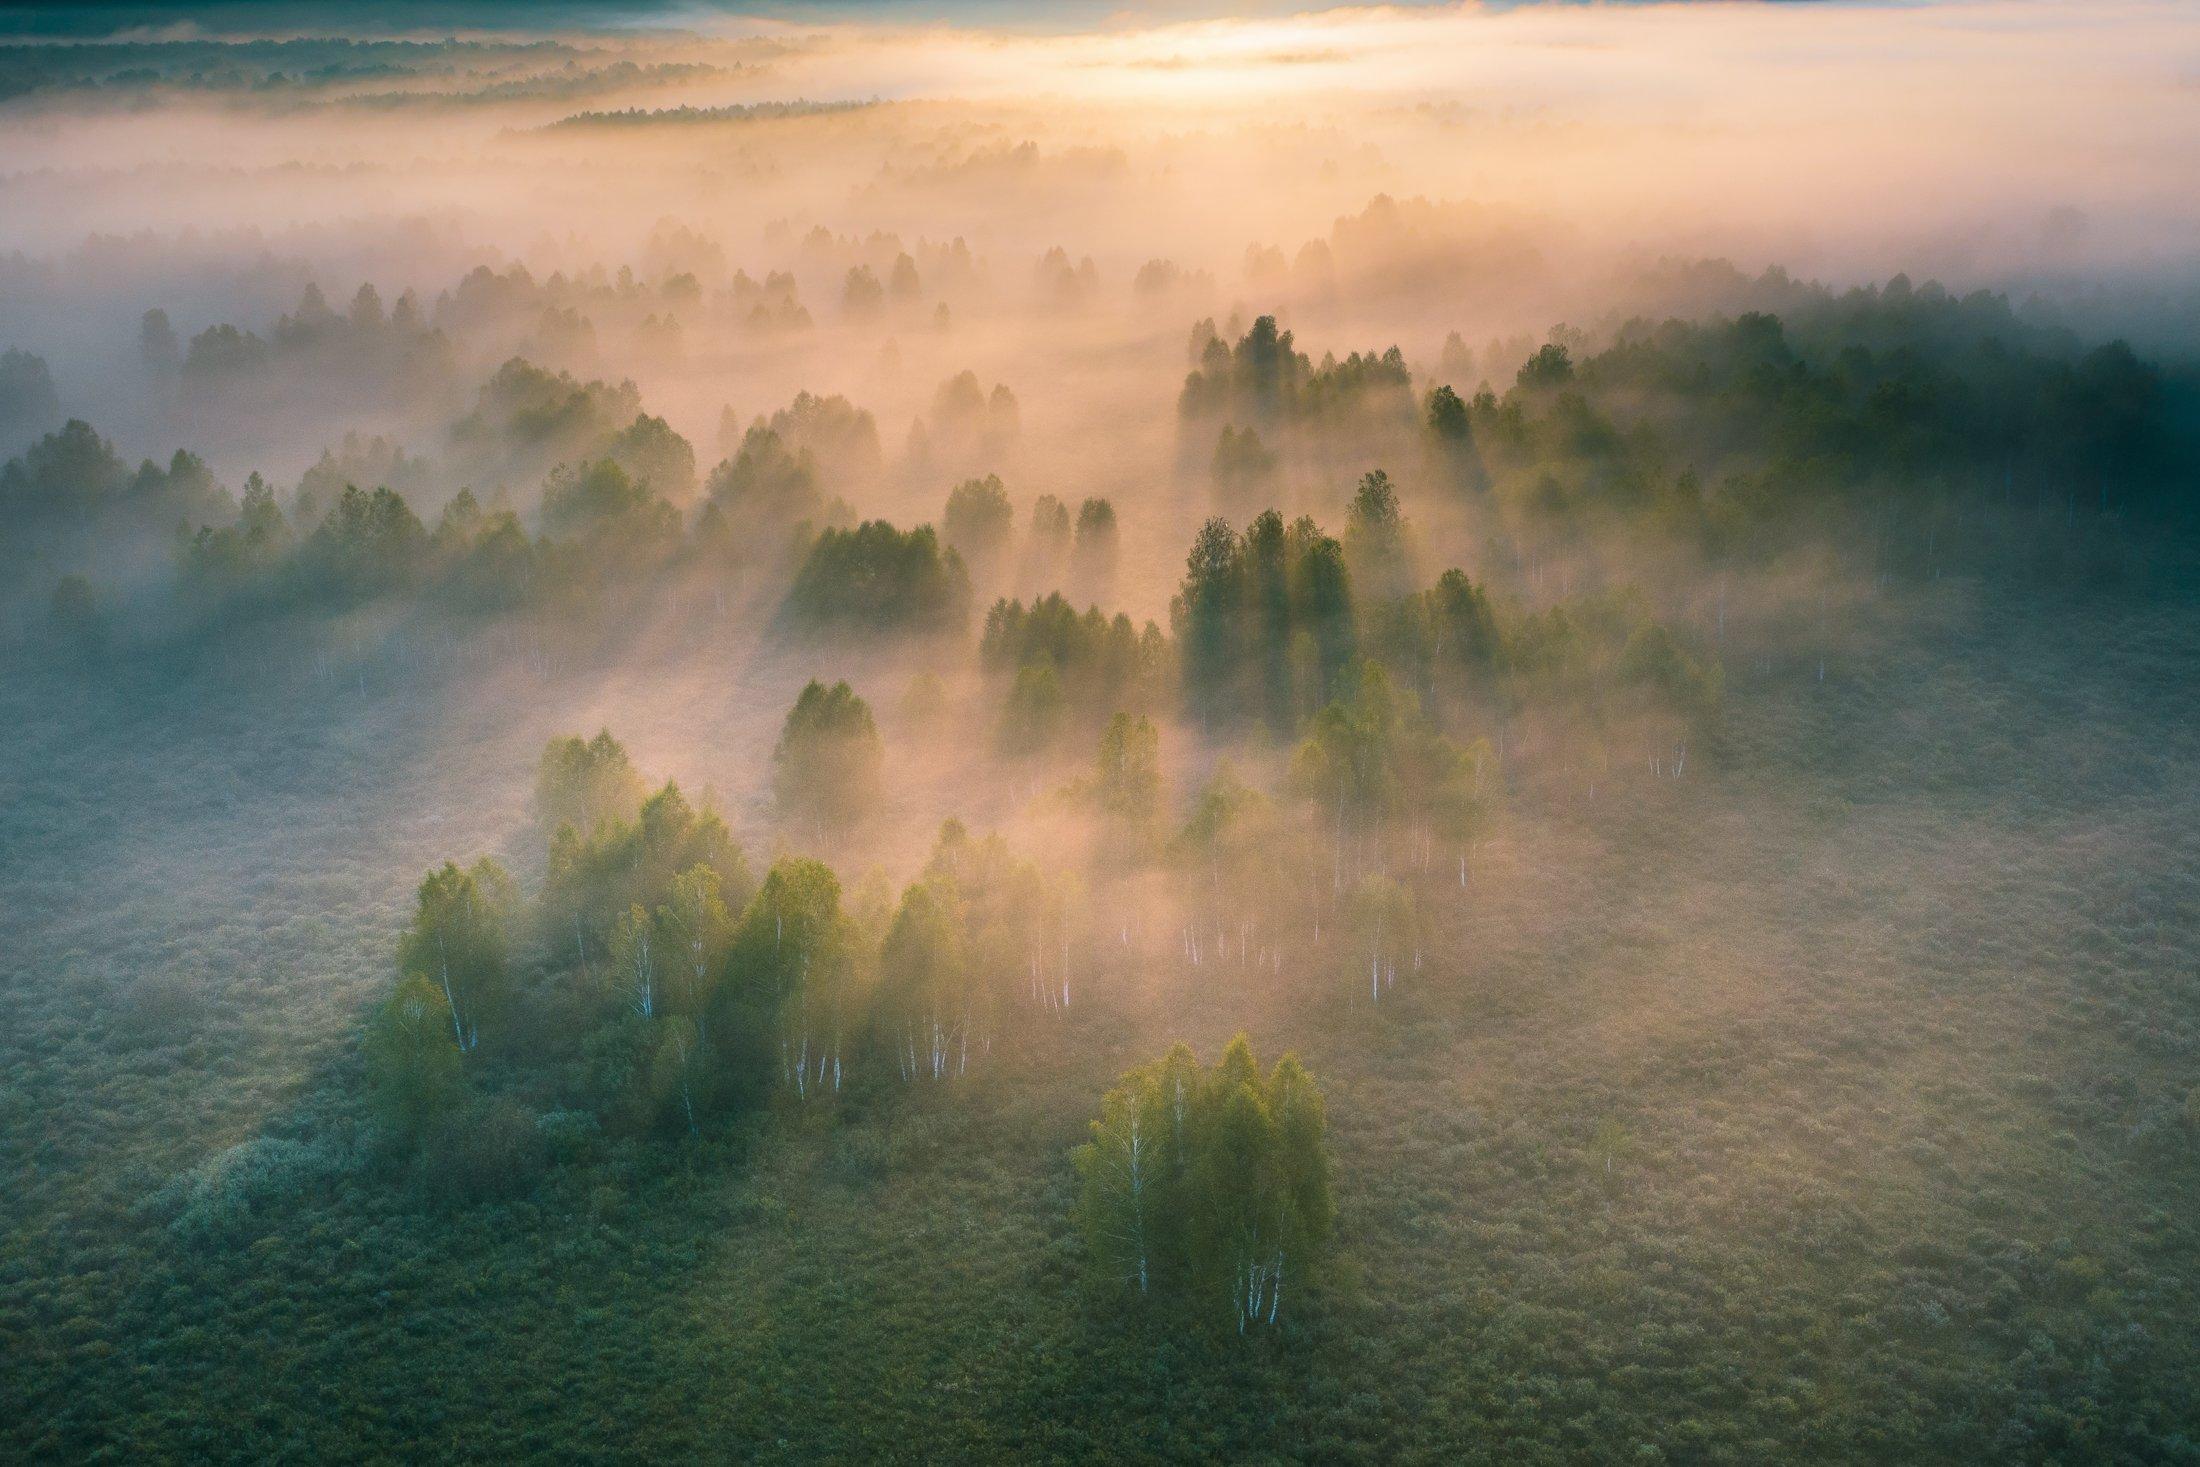 алтайскийкрай, алтай, тигирекскийзаповедник, туман, Соломахин Денис